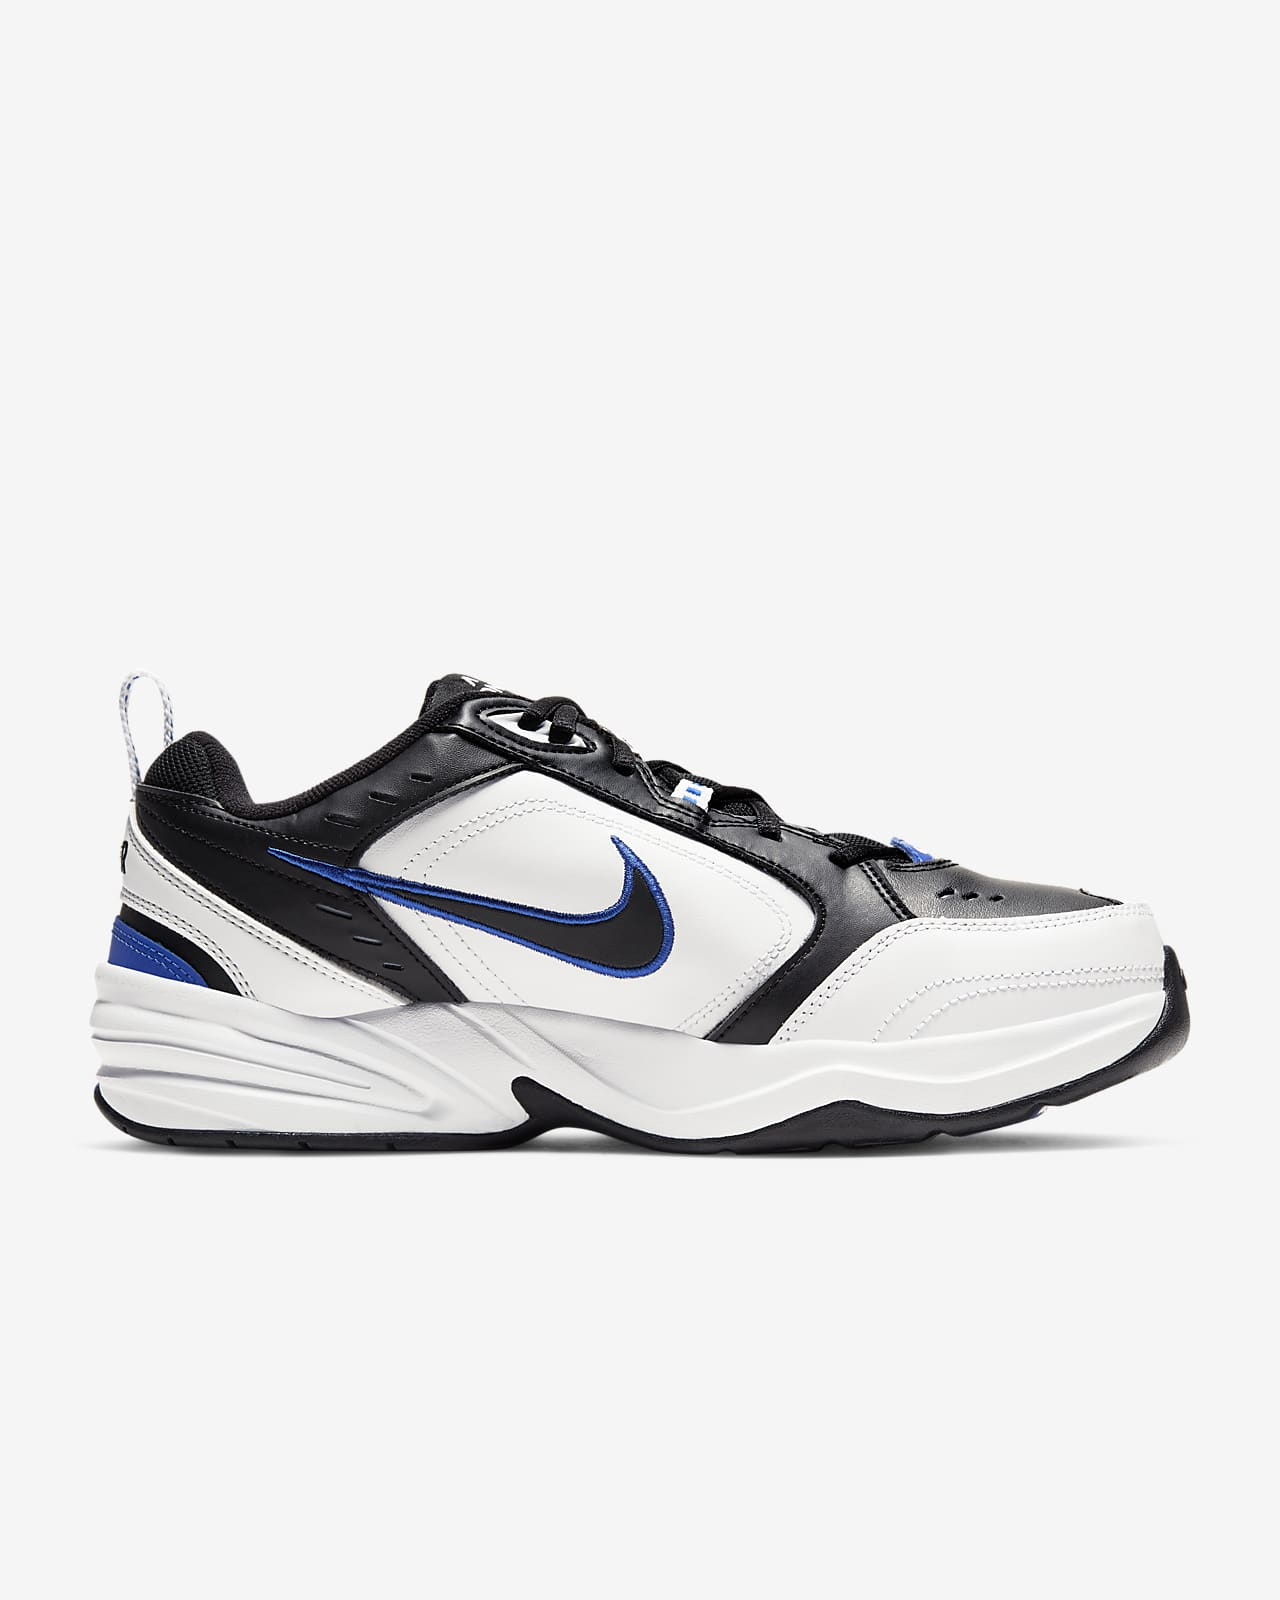 nike monarch air shoes